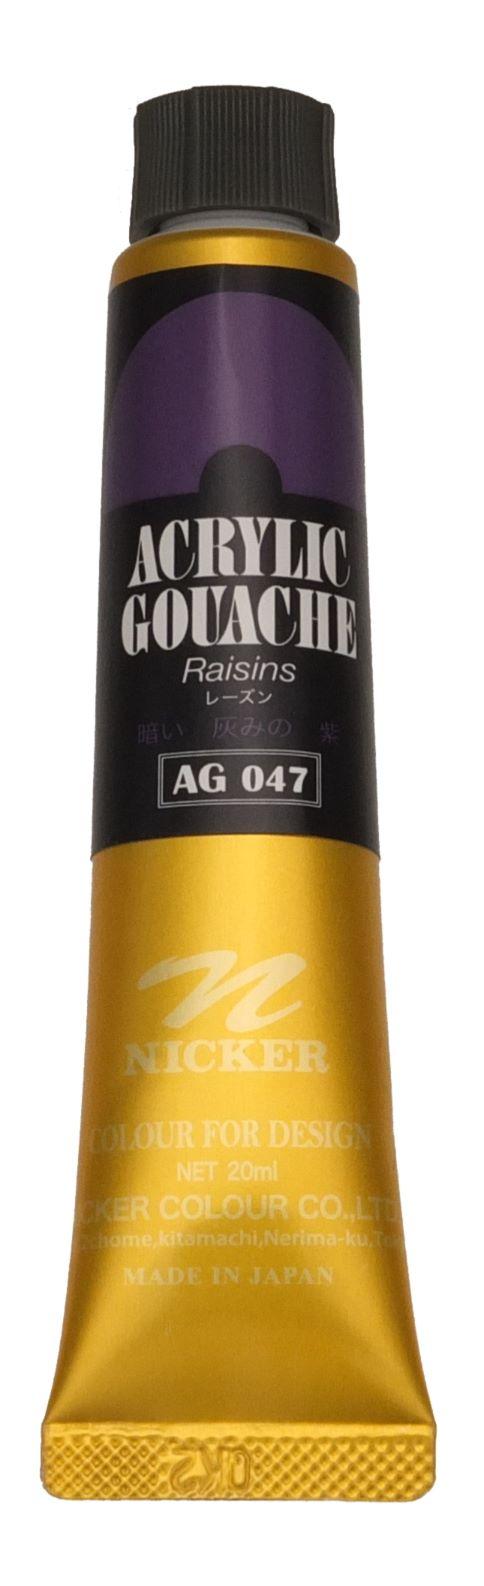 <Discontinued> ACRYLIC GOUACHE 20ml AG047 RAISINS